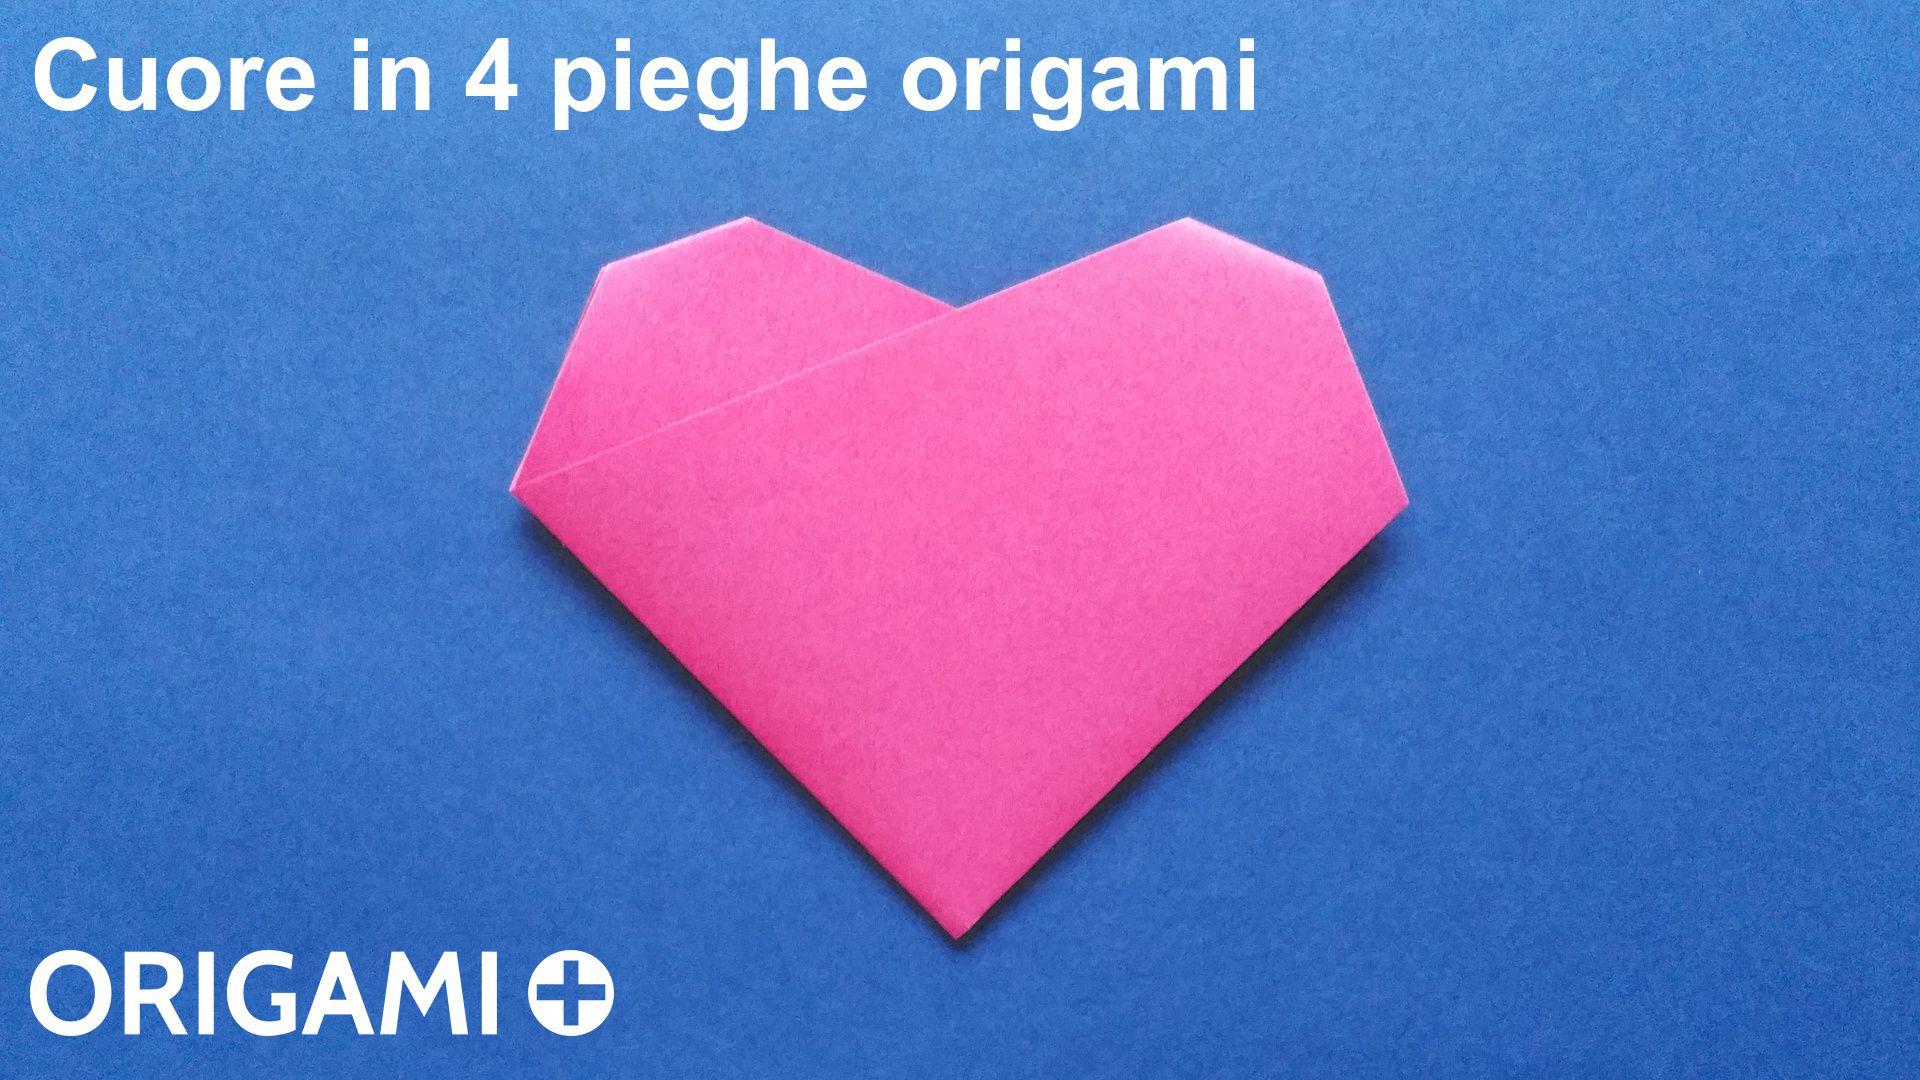 Cuore in 4 pieghe origami